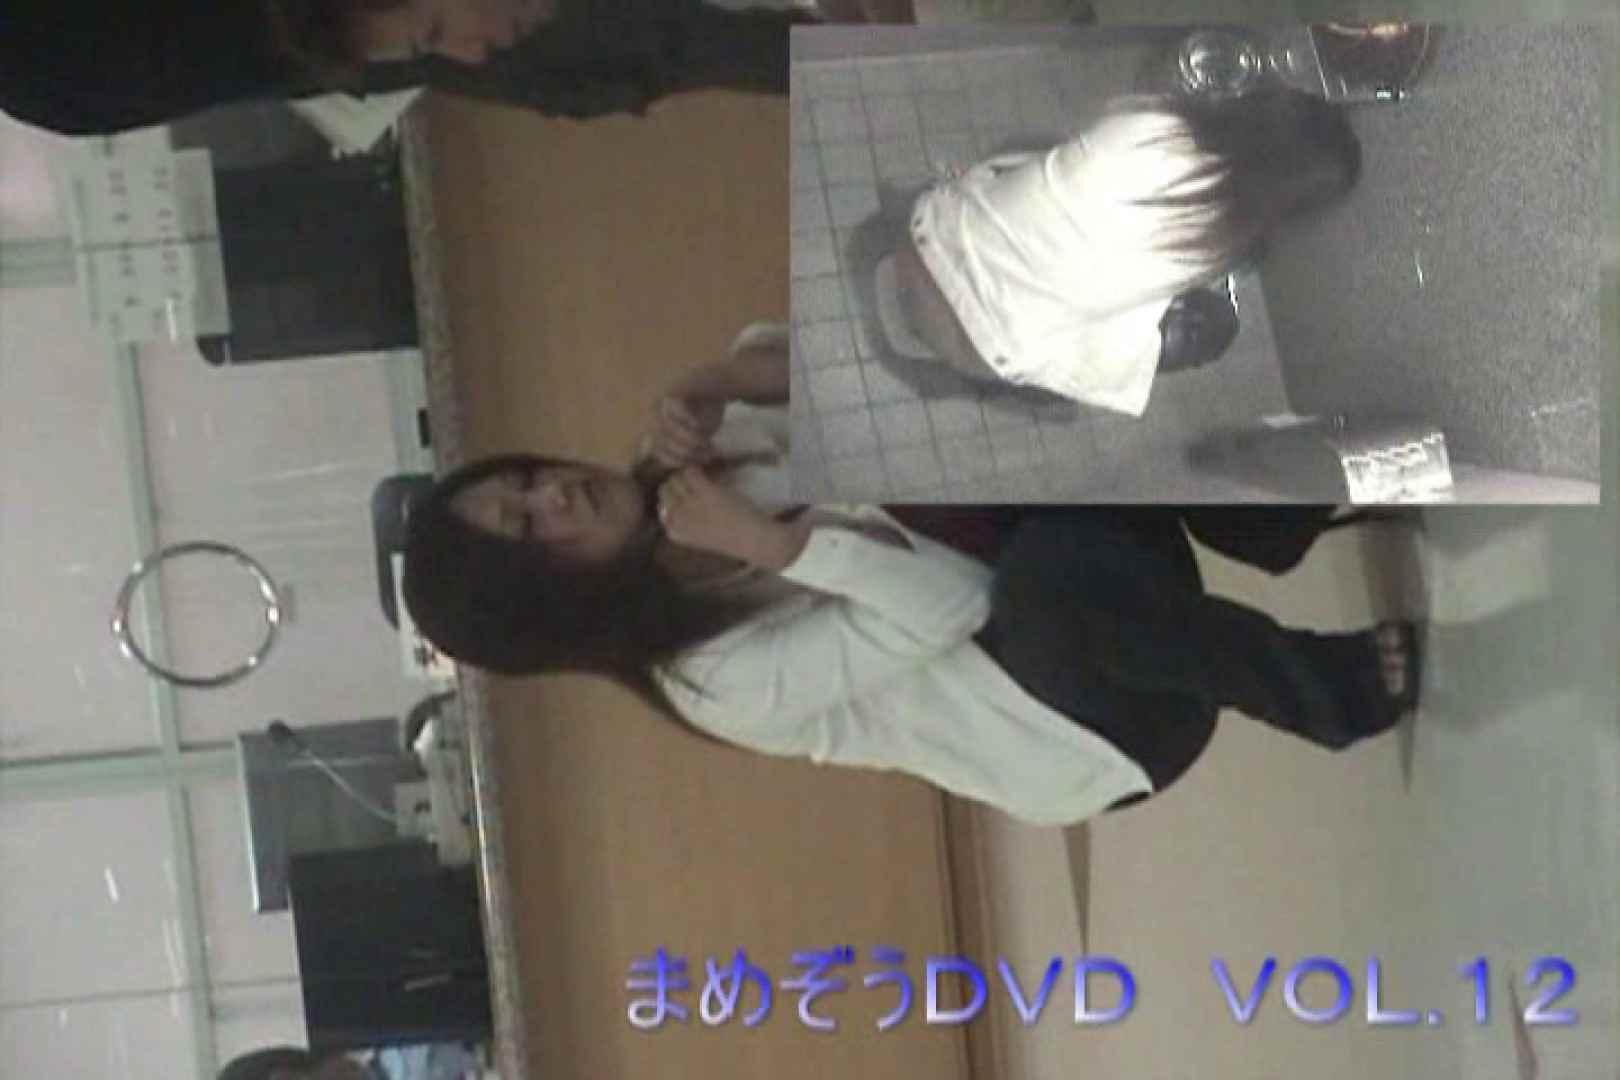 まめぞうDVD完全版VOL.12 OL   ギャル・コレクション  63連発 27